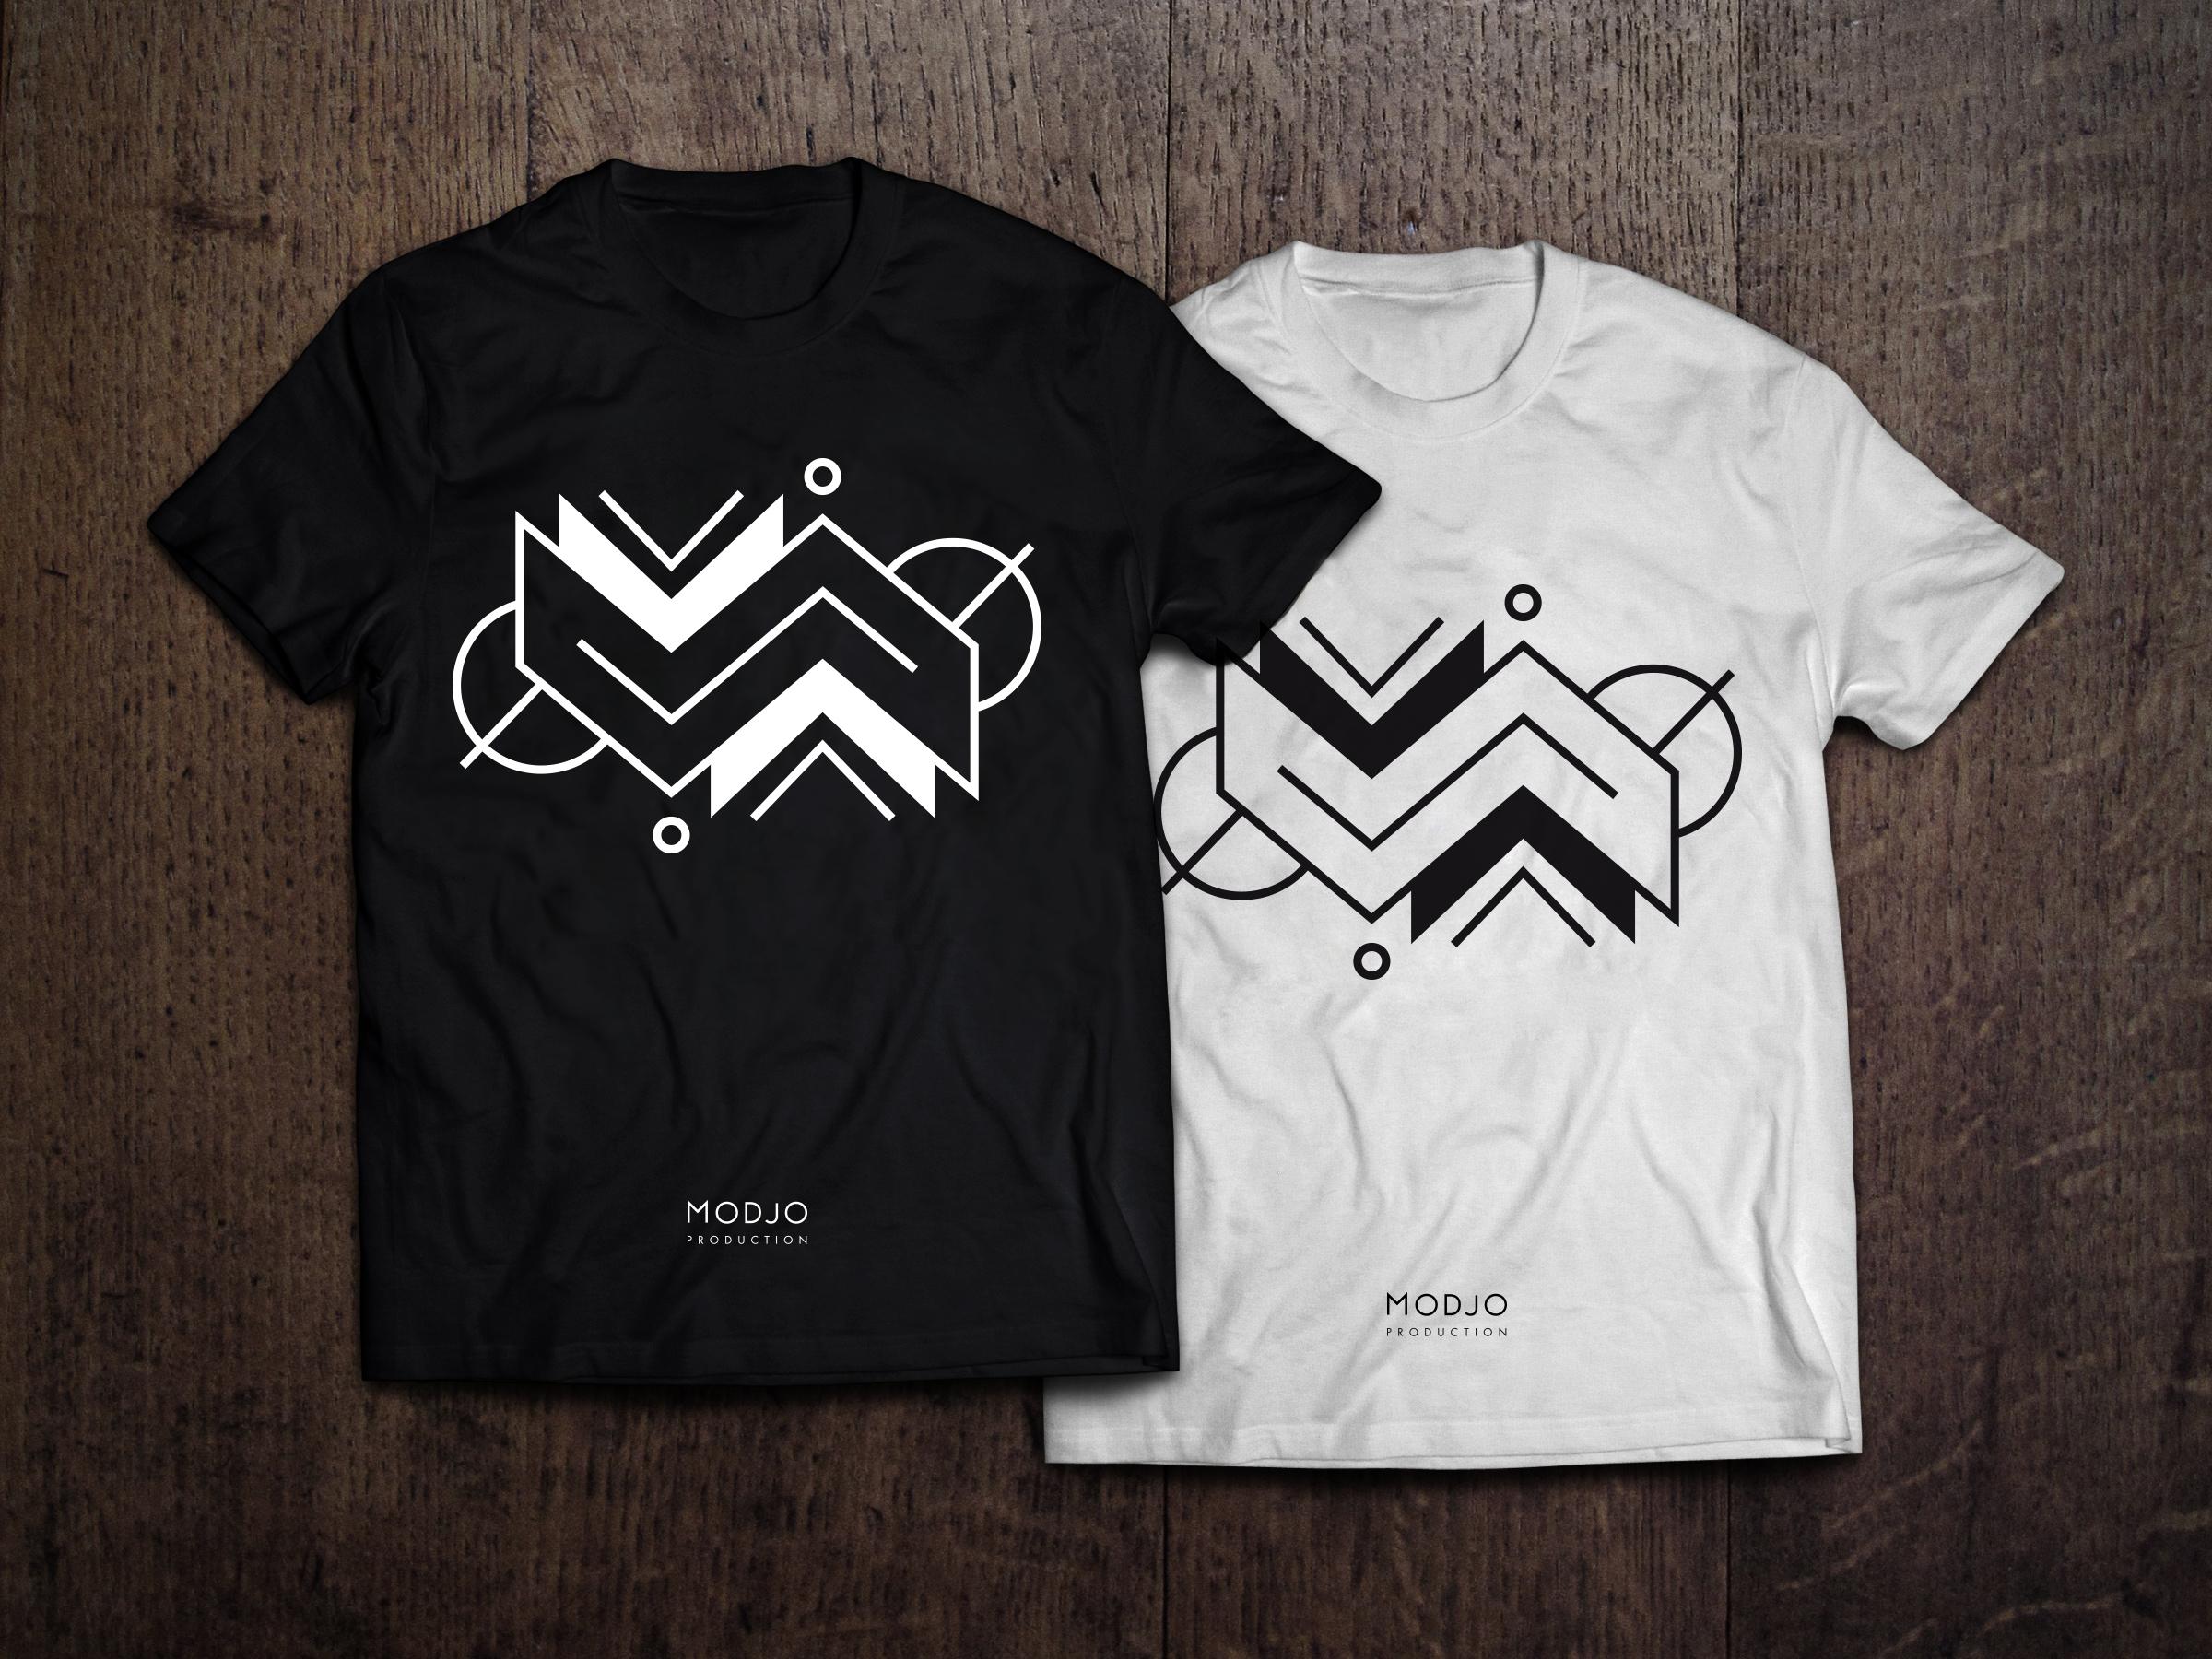 MODJO_tshirts.jpg